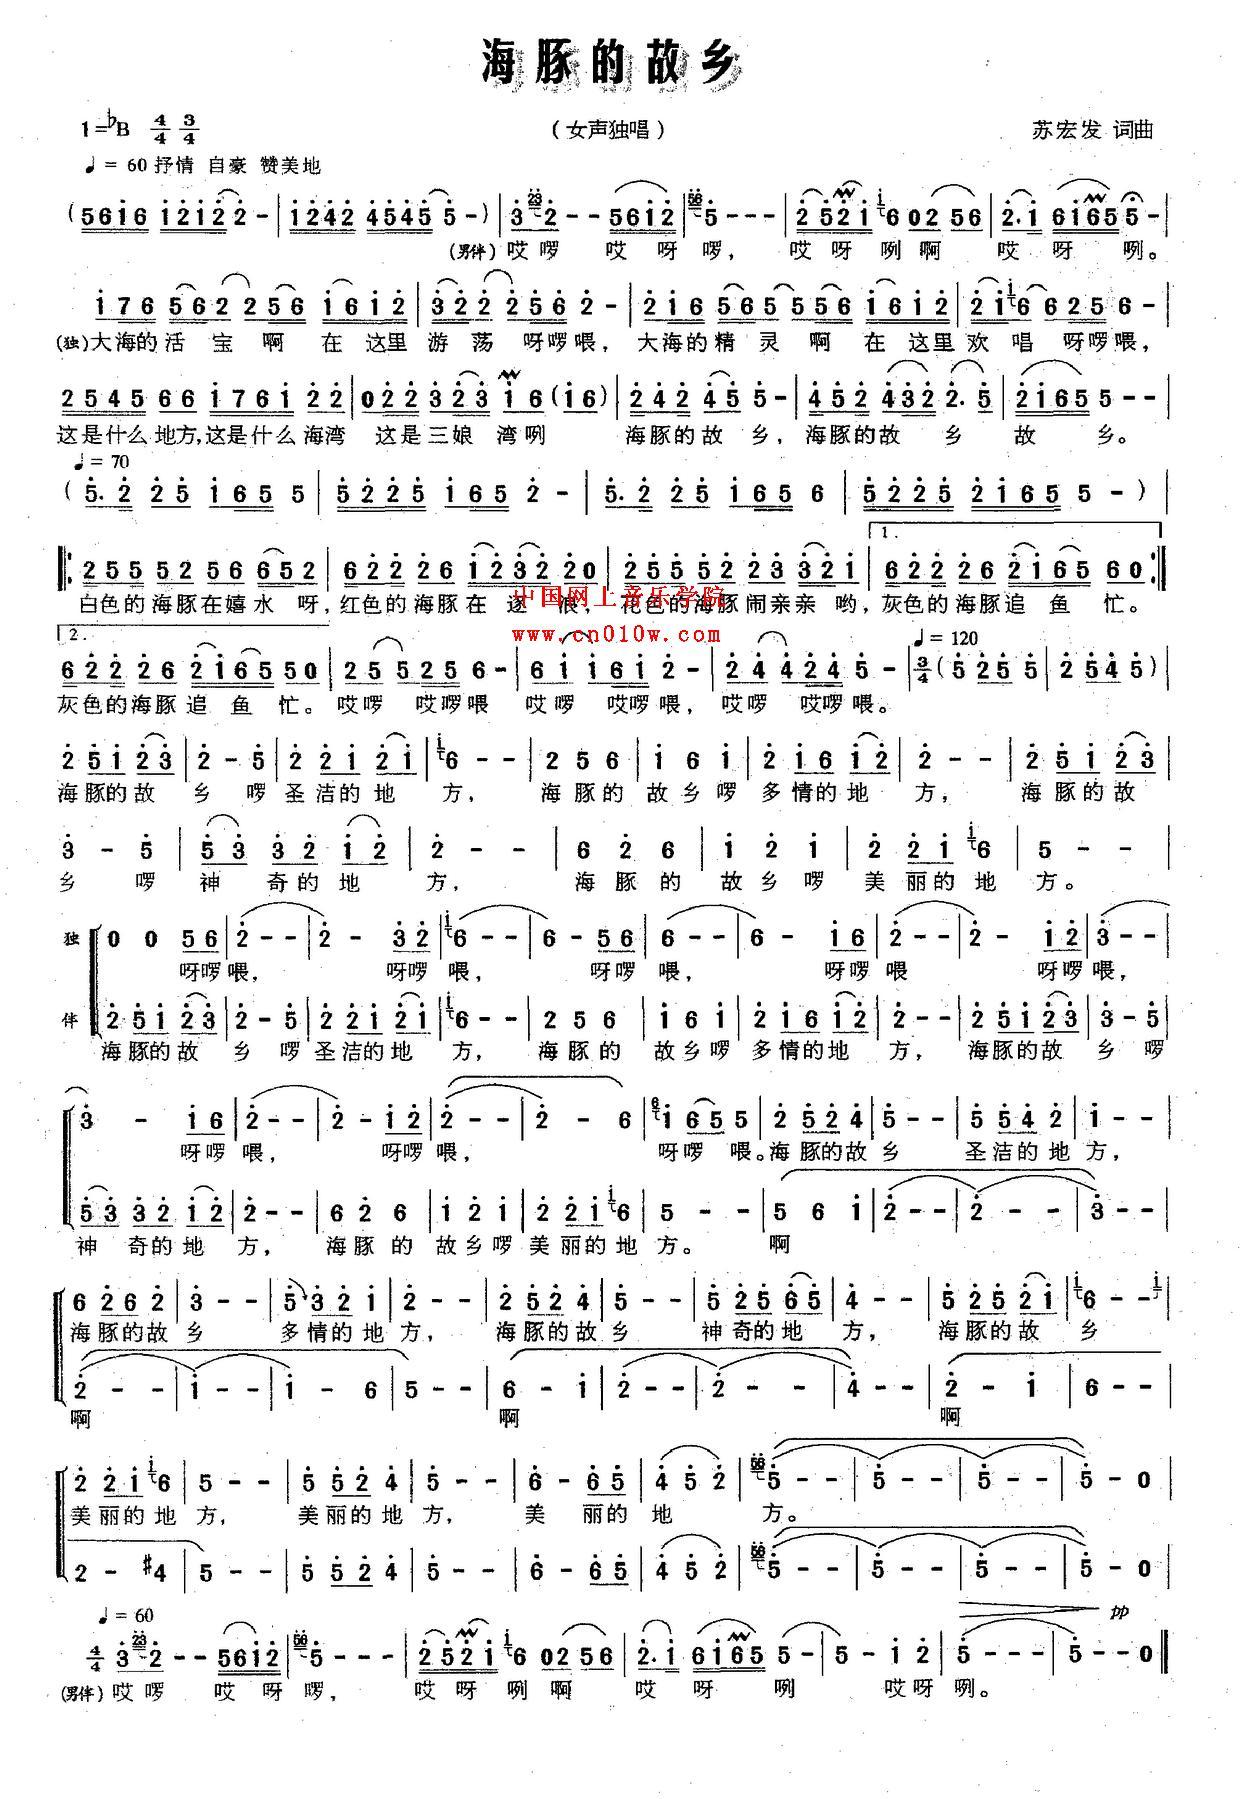 民歌曲谱_海豚的故乡 民歌曲谱_海豚的故乡下载 简谱下载 五线谱下载